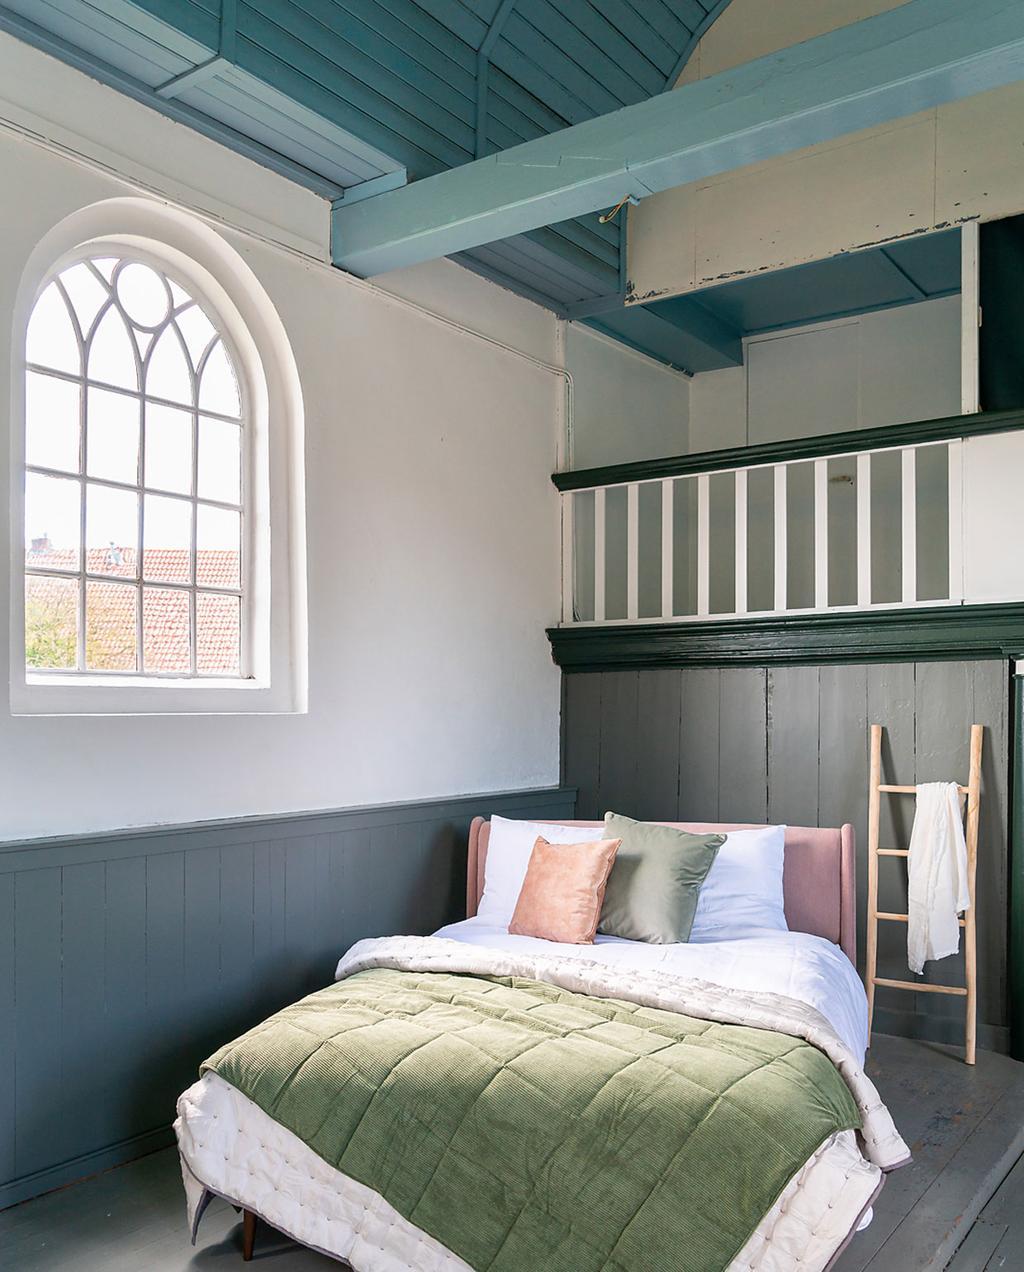 heilige nachten en made.com | overnachten in een opgeknapte kerk | roze bed met groene sprei bij groot raam